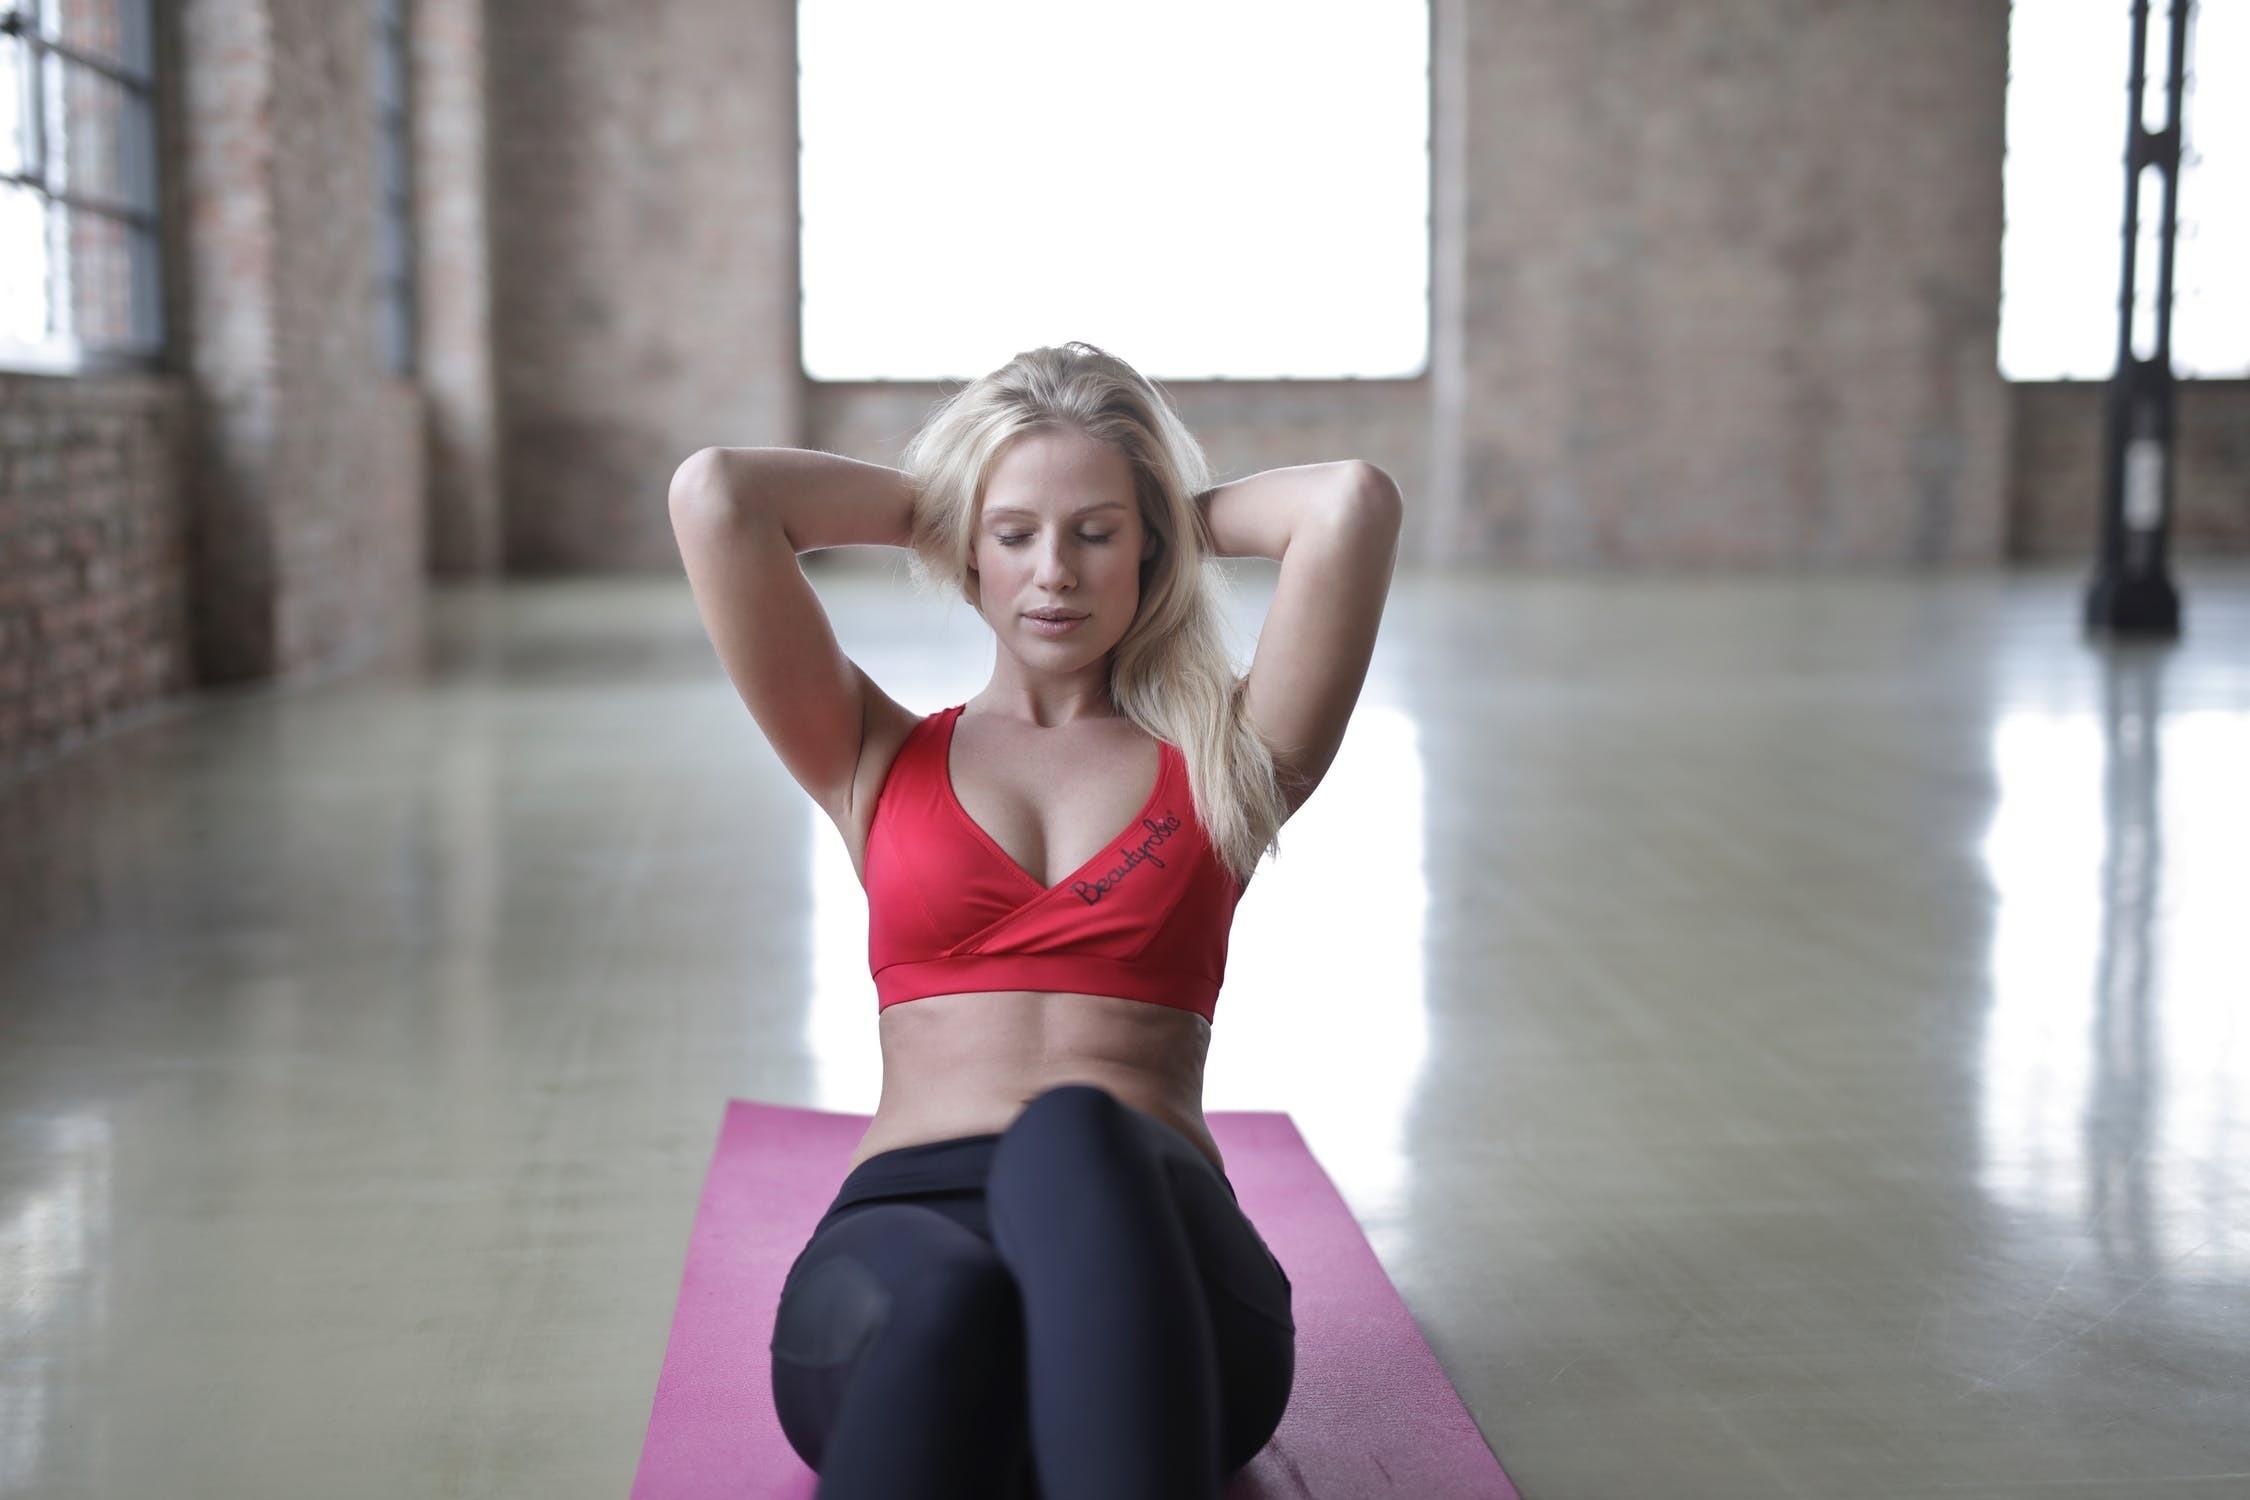 Качай правильно: 5 упражнений для супер-пресса и советы фитнес-тренера